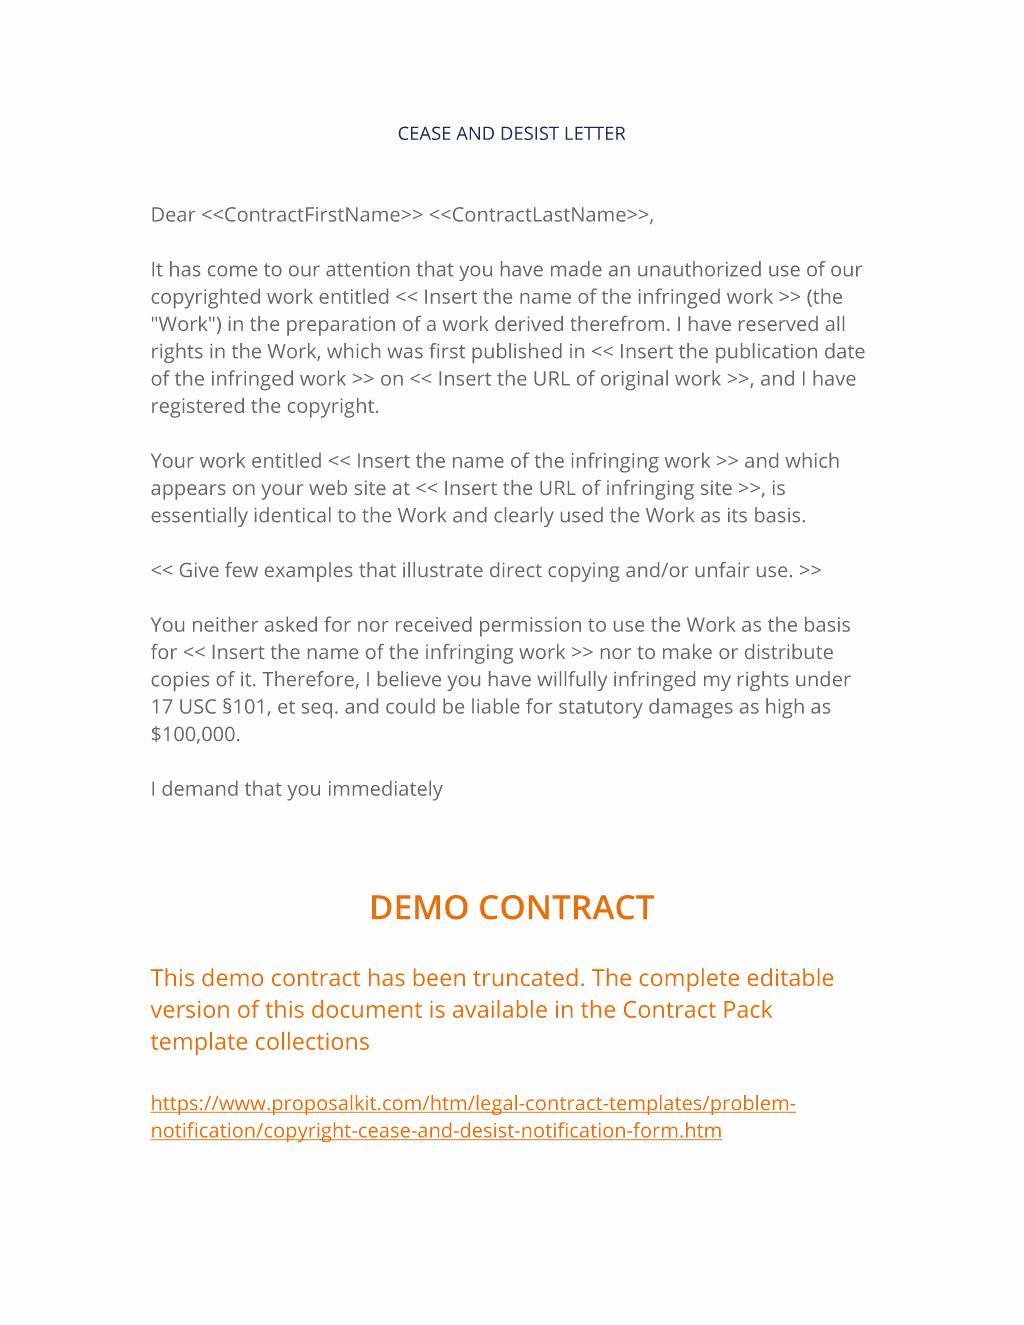 Copyright Cease and Desist Letter Unique How to Write Your Own Copyright Cease and Desist